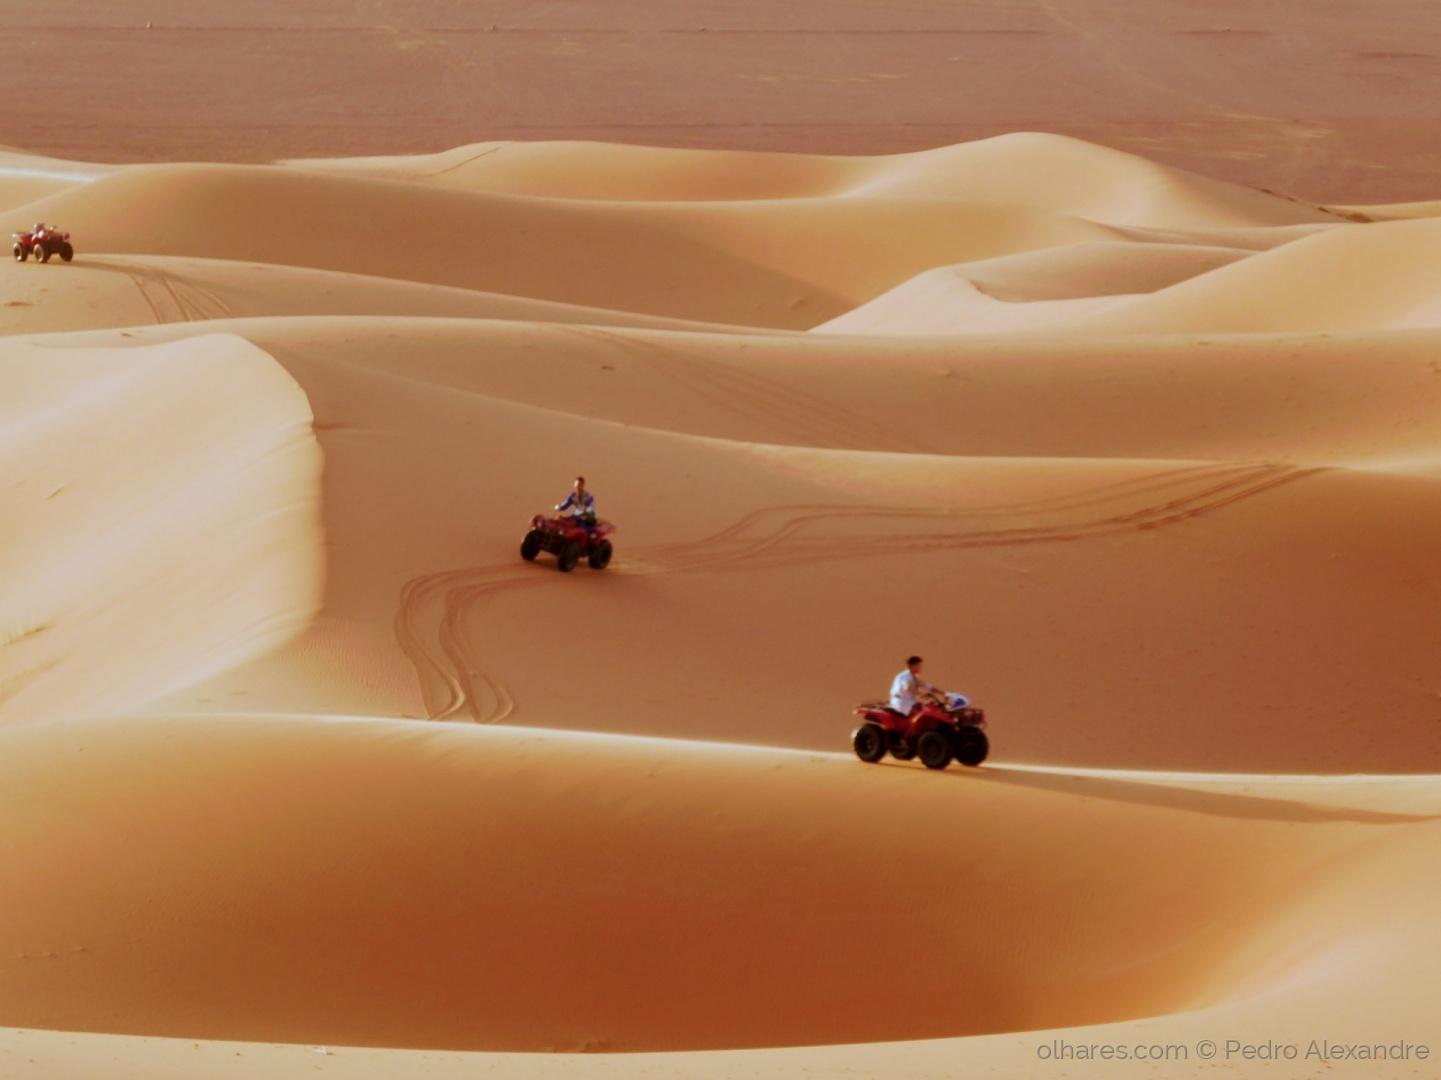 Desporto e Ação/Adrenalina no deserto